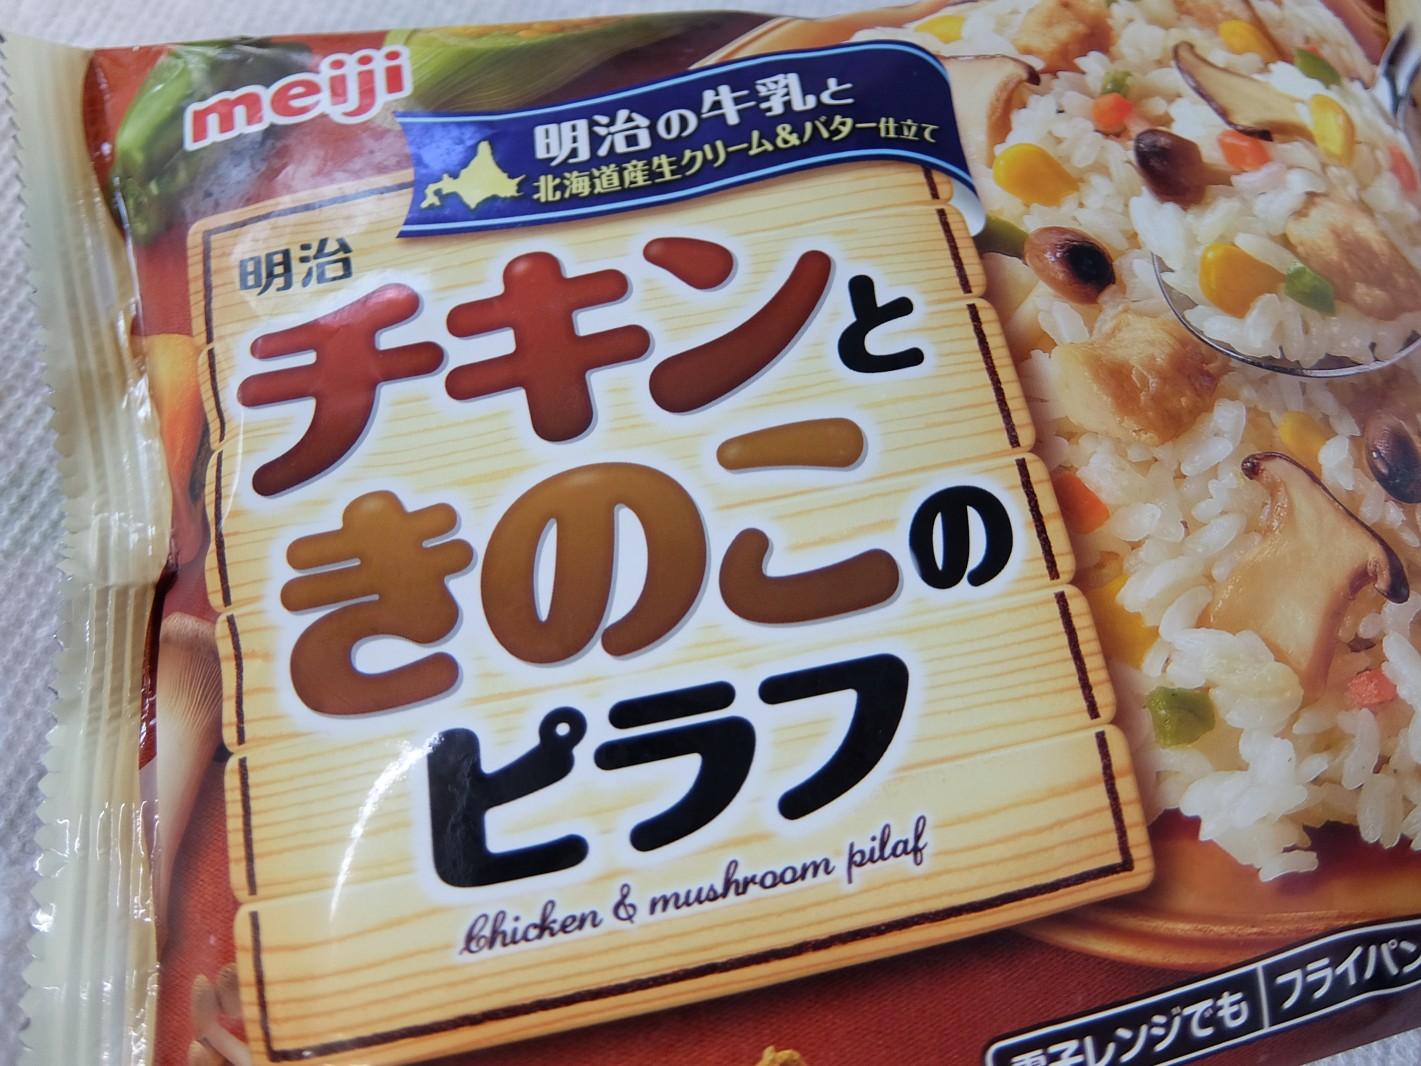 「冷凍米飯」と発言すると、なぜか「?」